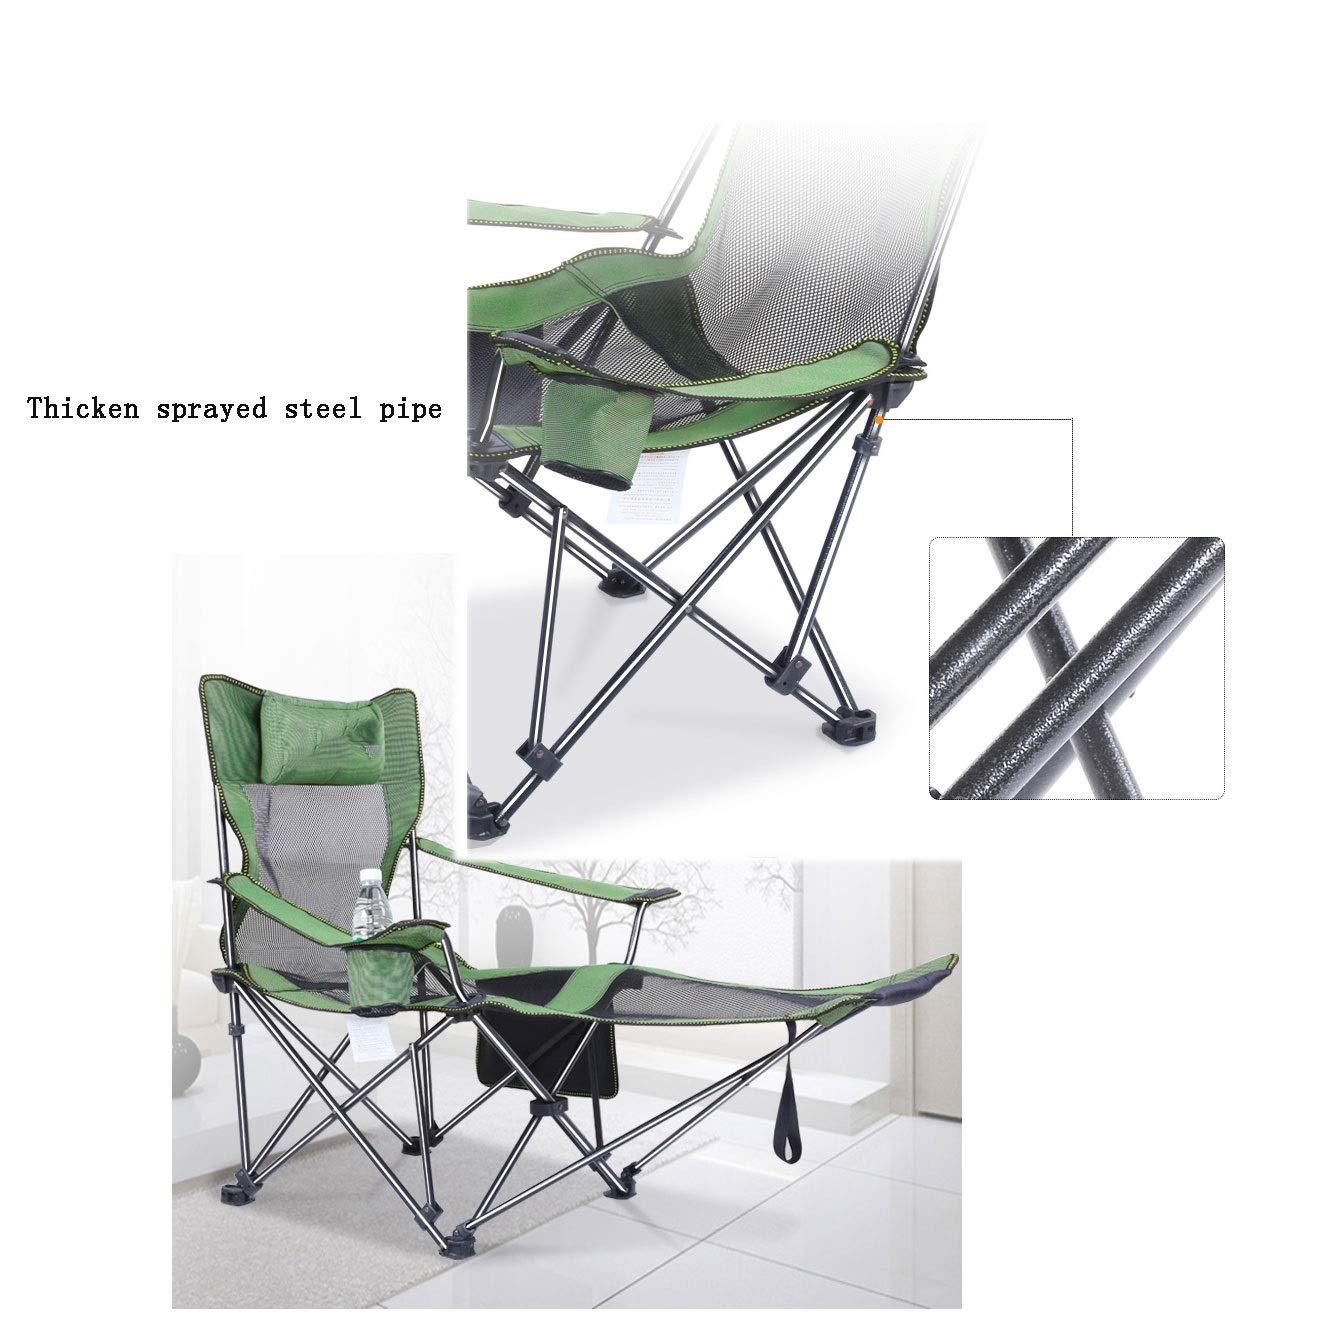 Amazon.com: Zero Gravity - Silla reclinable para exteriores ...